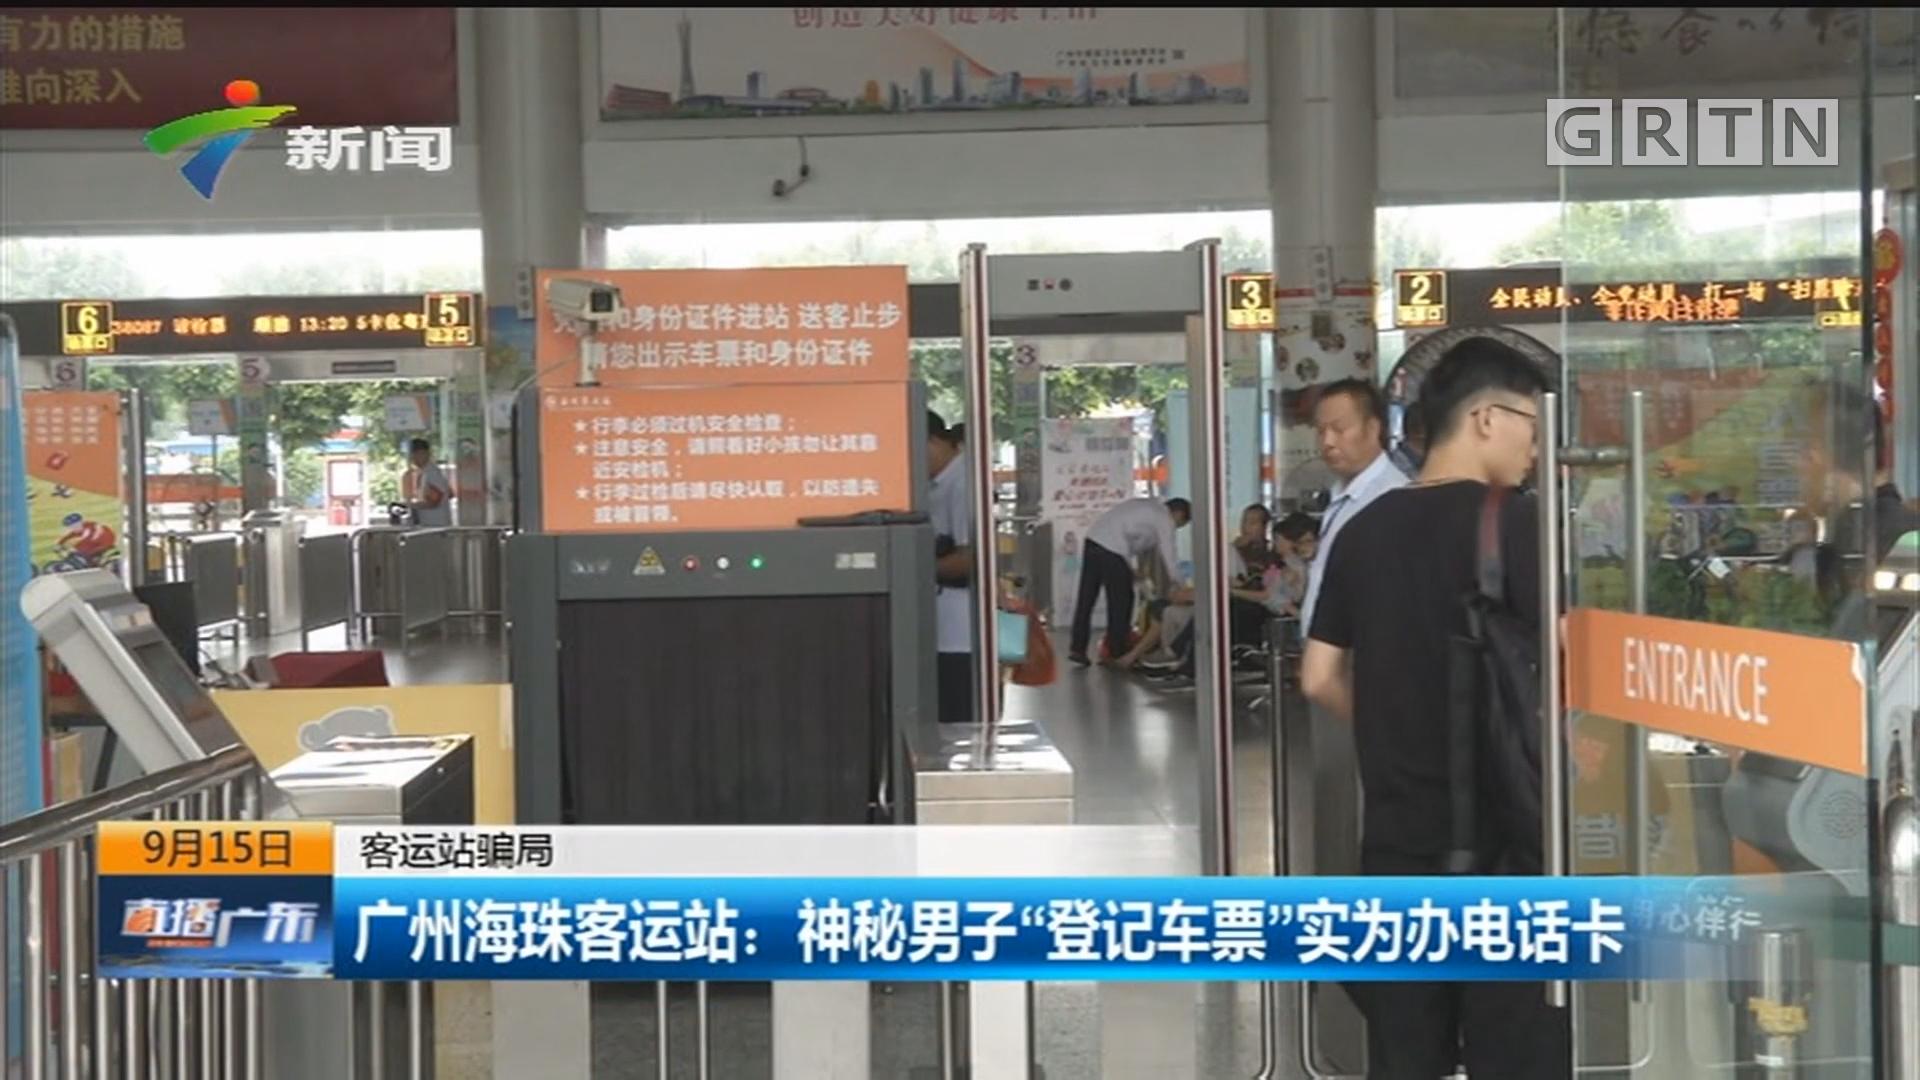 """客运站骗局 广州海珠客运站:神秘男子""""登记车票""""实为办电话卡"""